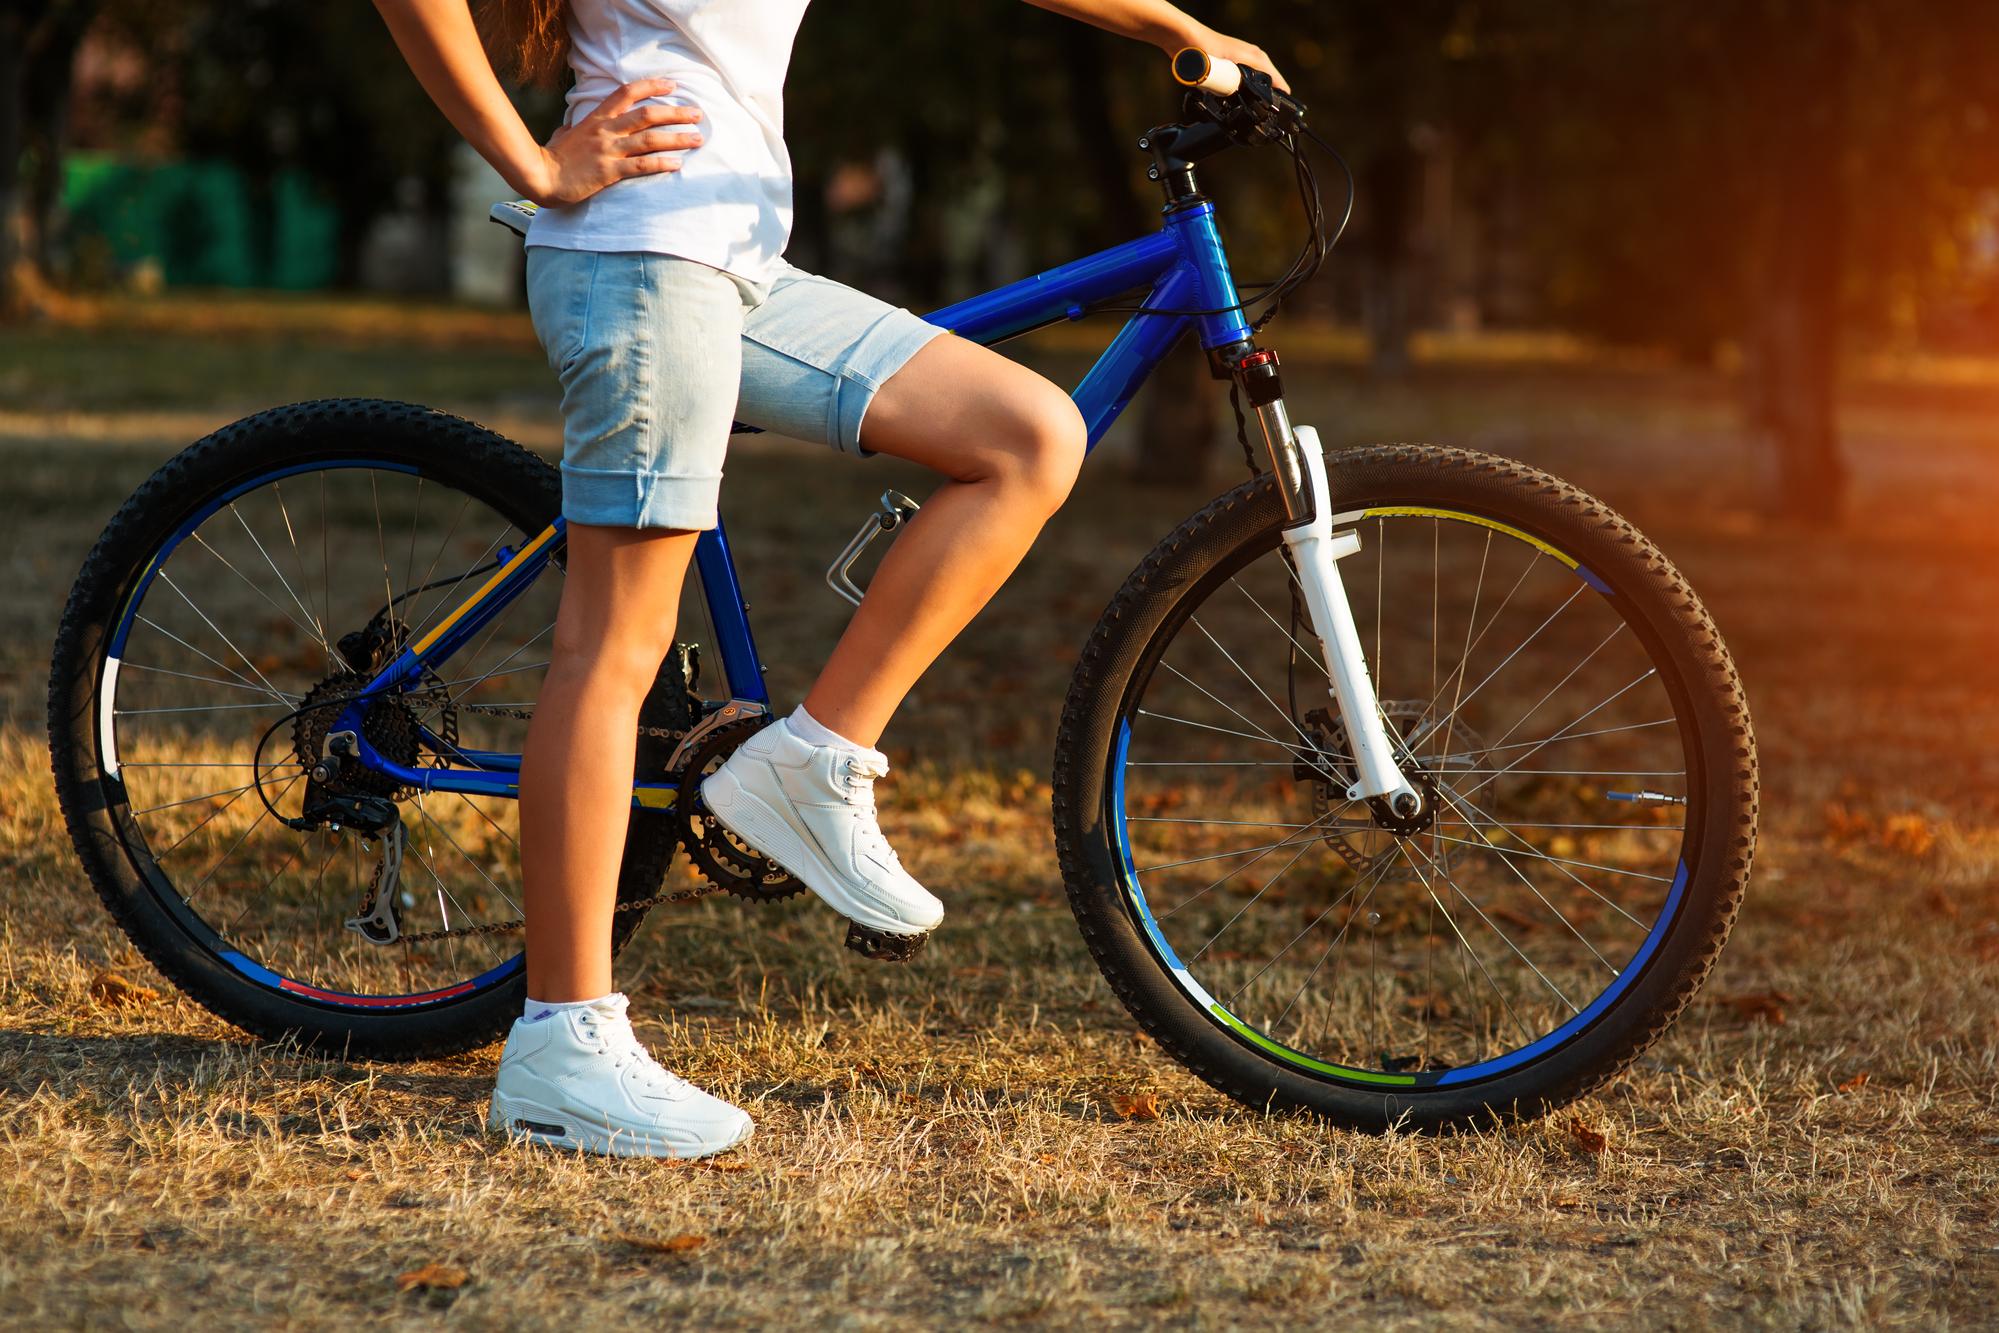 bike in park